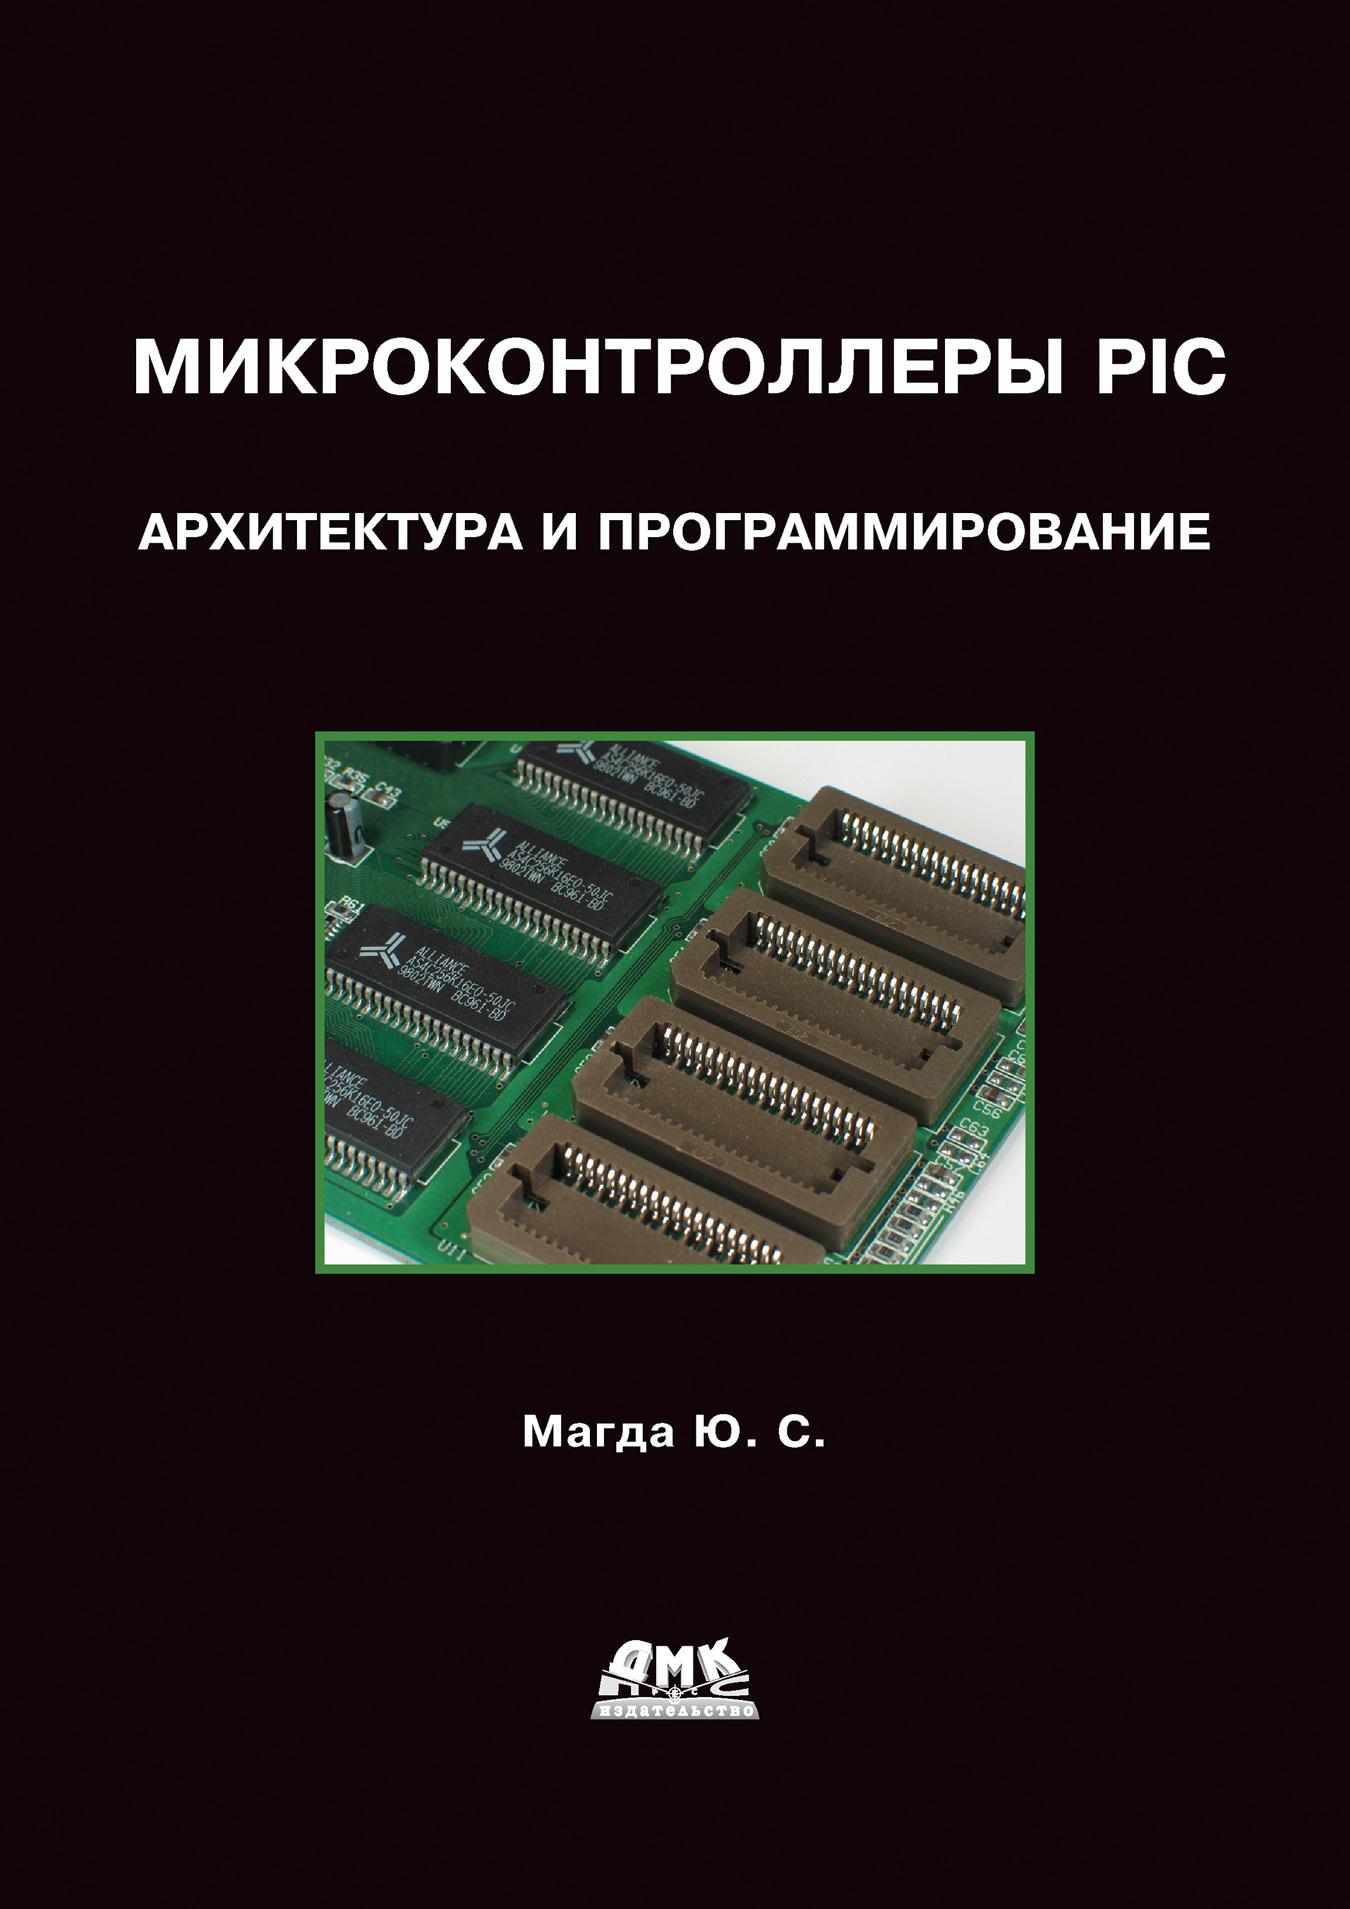 Юрий Магда Микроконтроллеры PIC24: Архитектура и программирование предко майкл pic микроконтроллеры архитектура и программирование